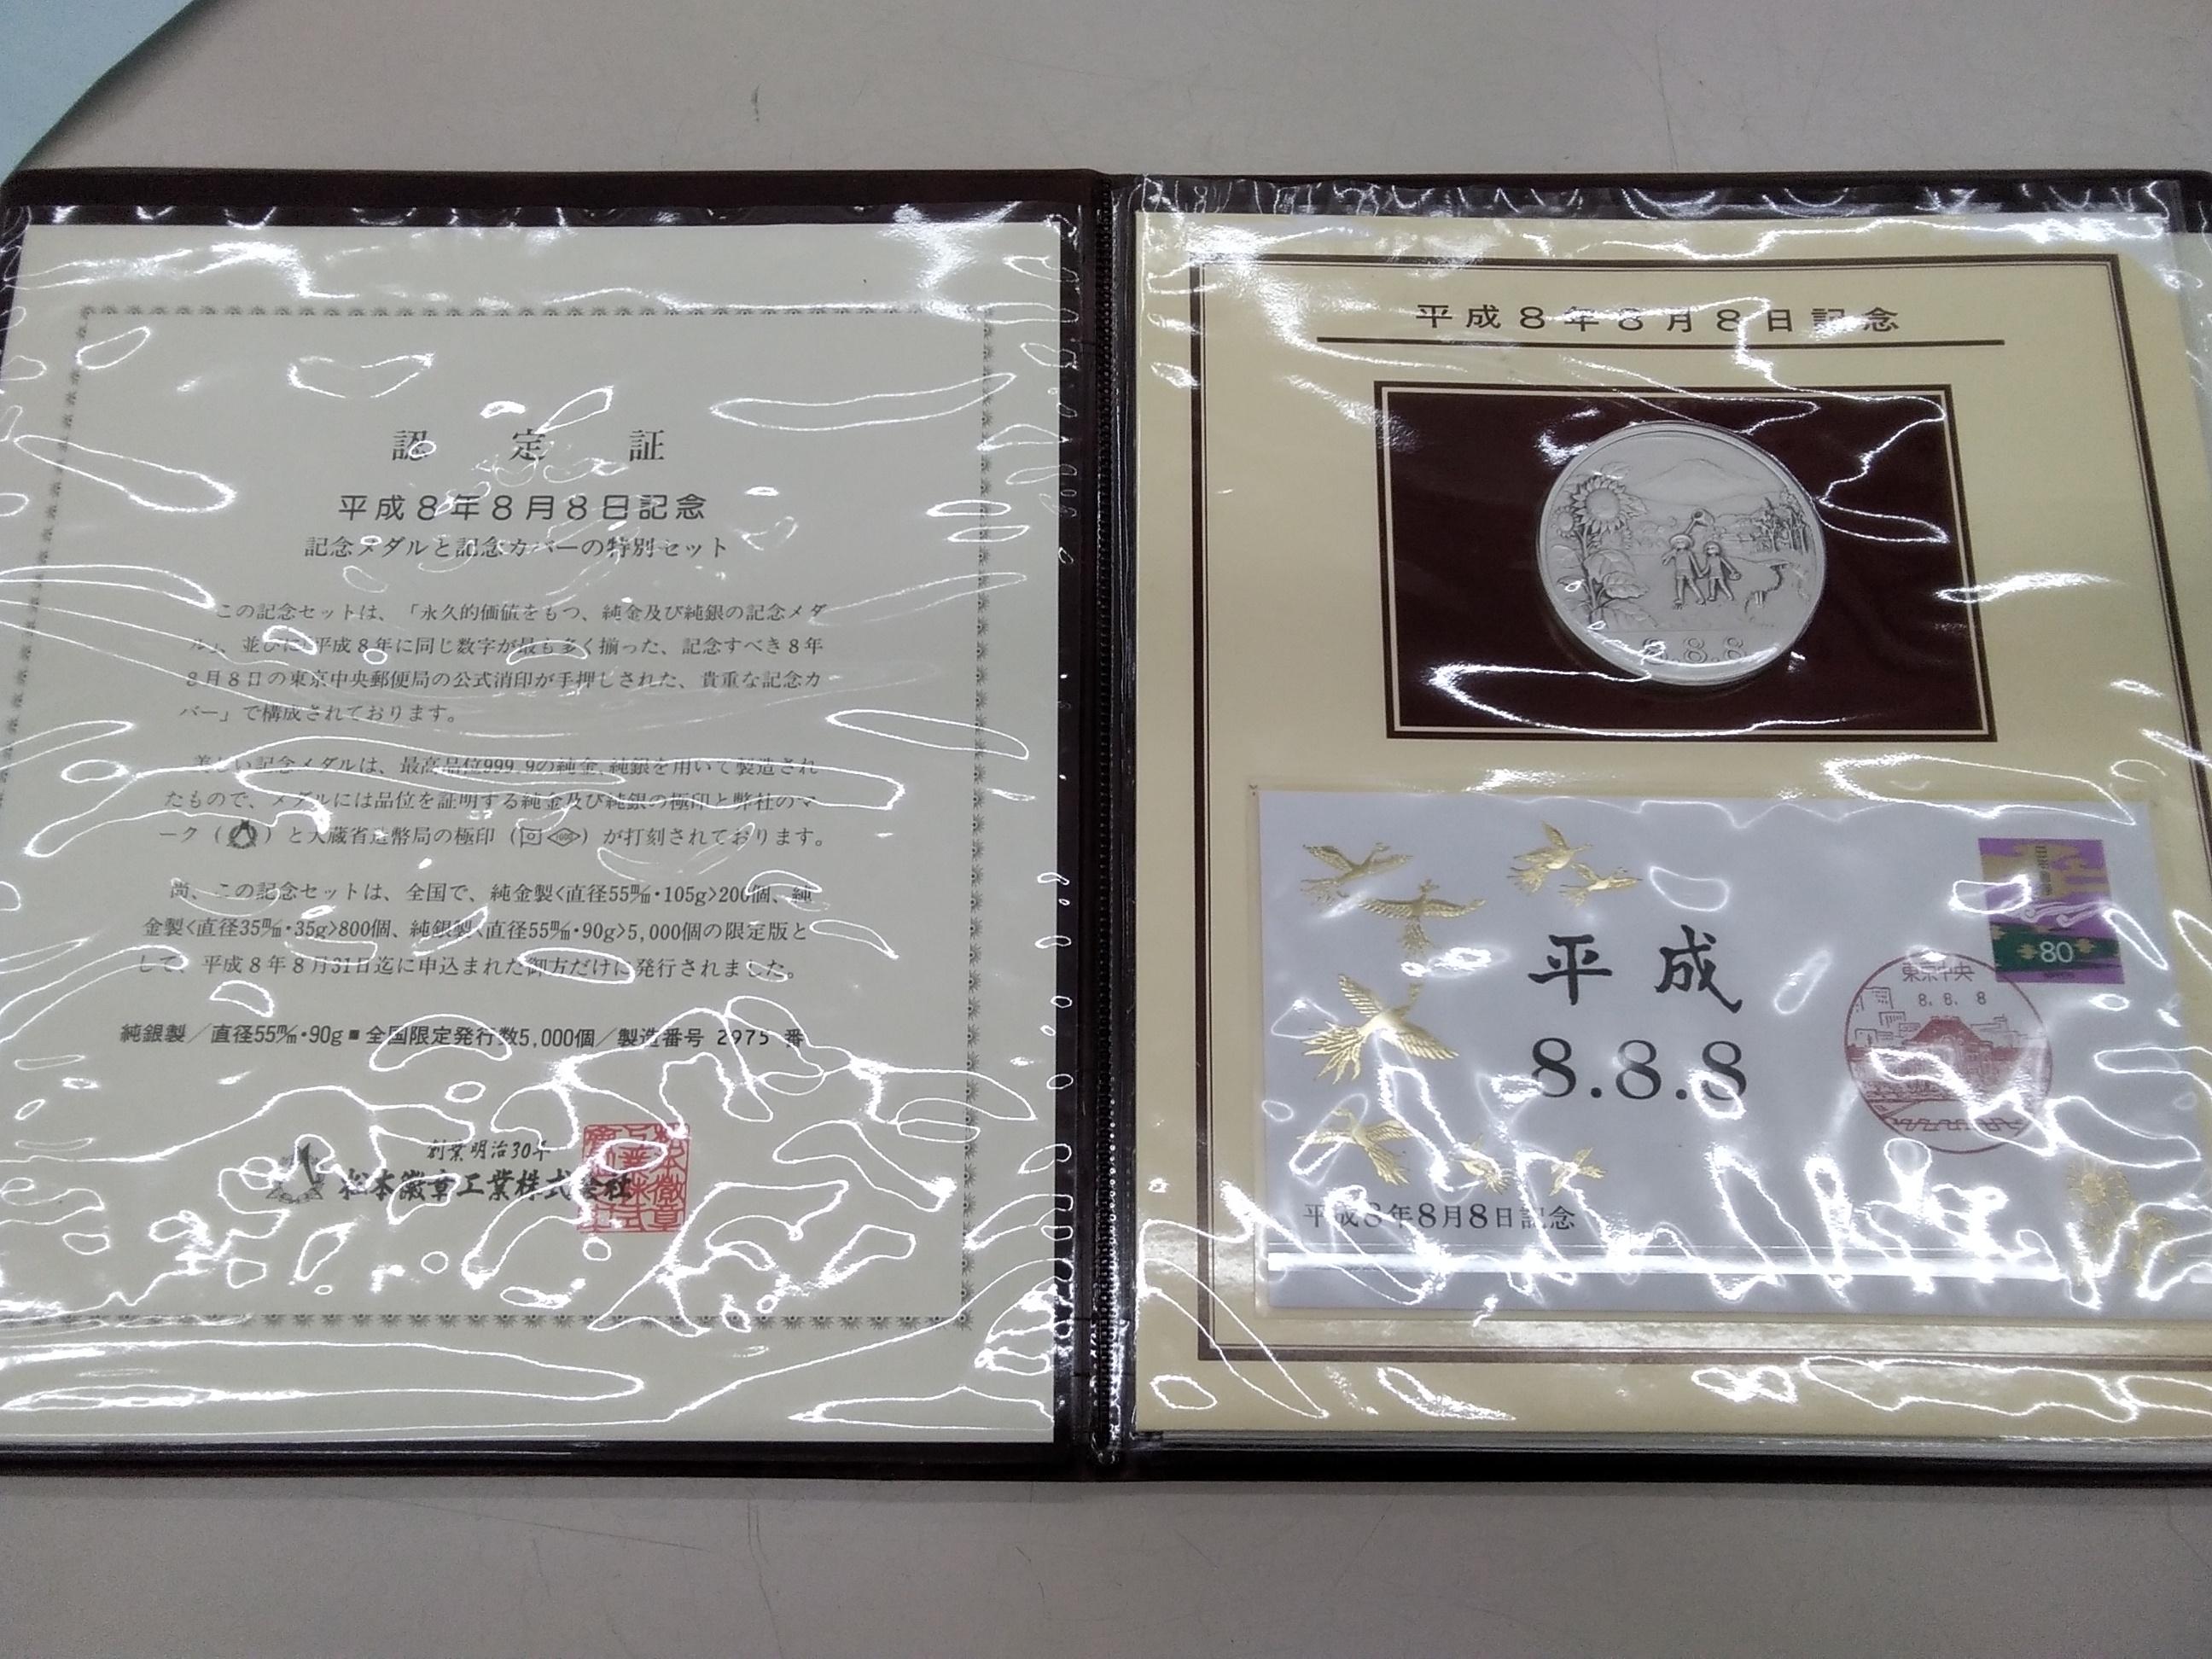 純銀製平成8年8月8日記念メダル|平成8年